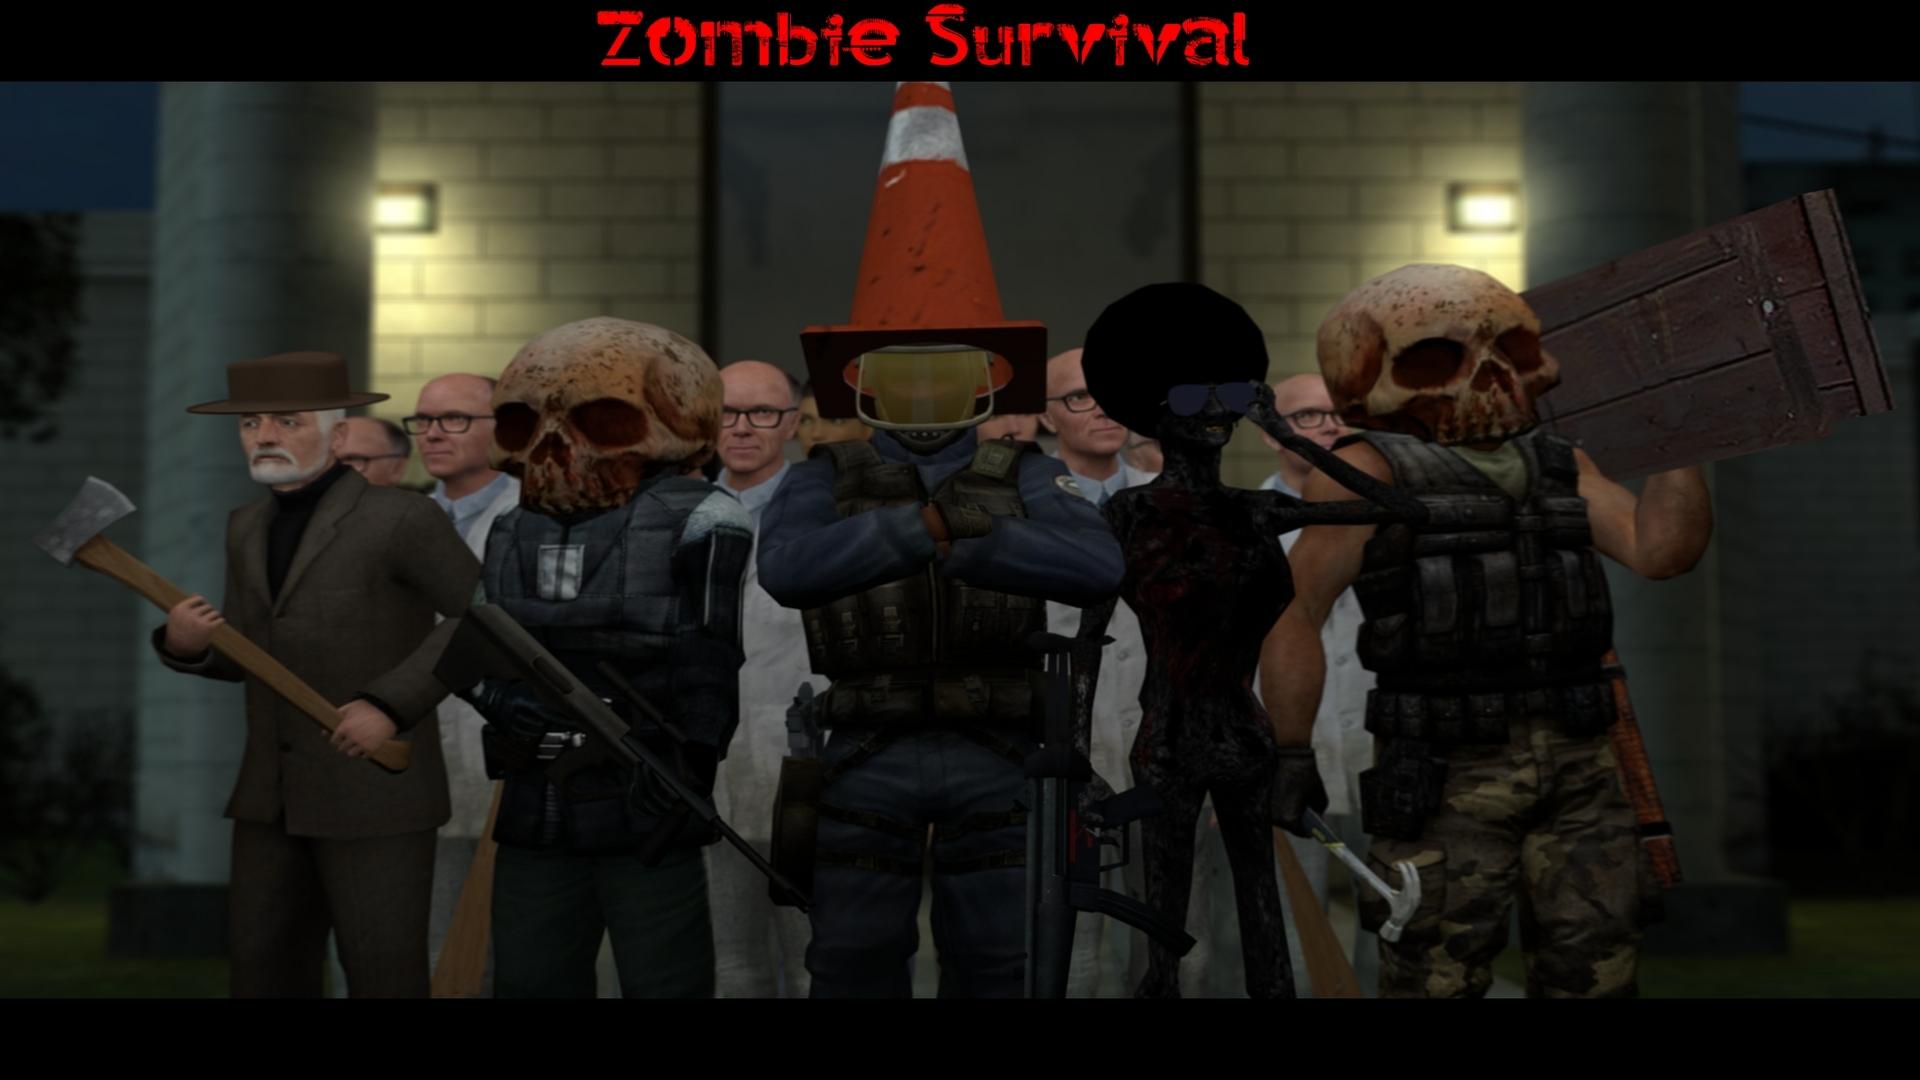 Steam Workshop :: Zombie Survival Content